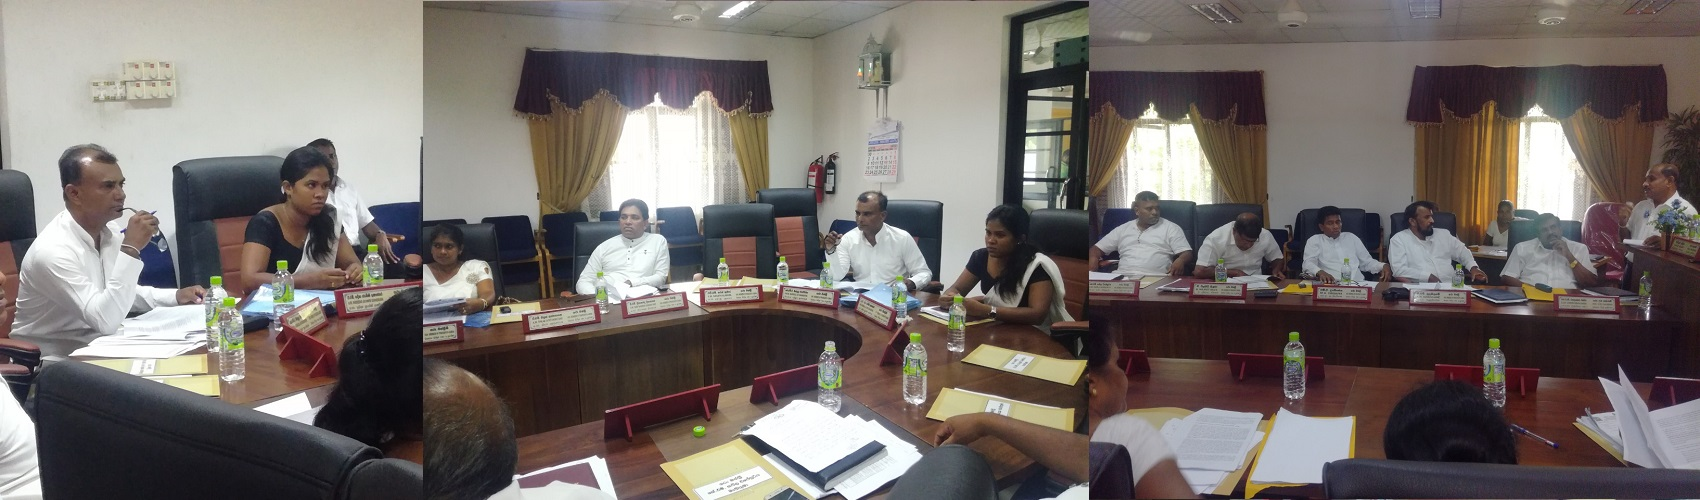 bibile-pradeshiya-sabha-slideshow-image-2.jpg